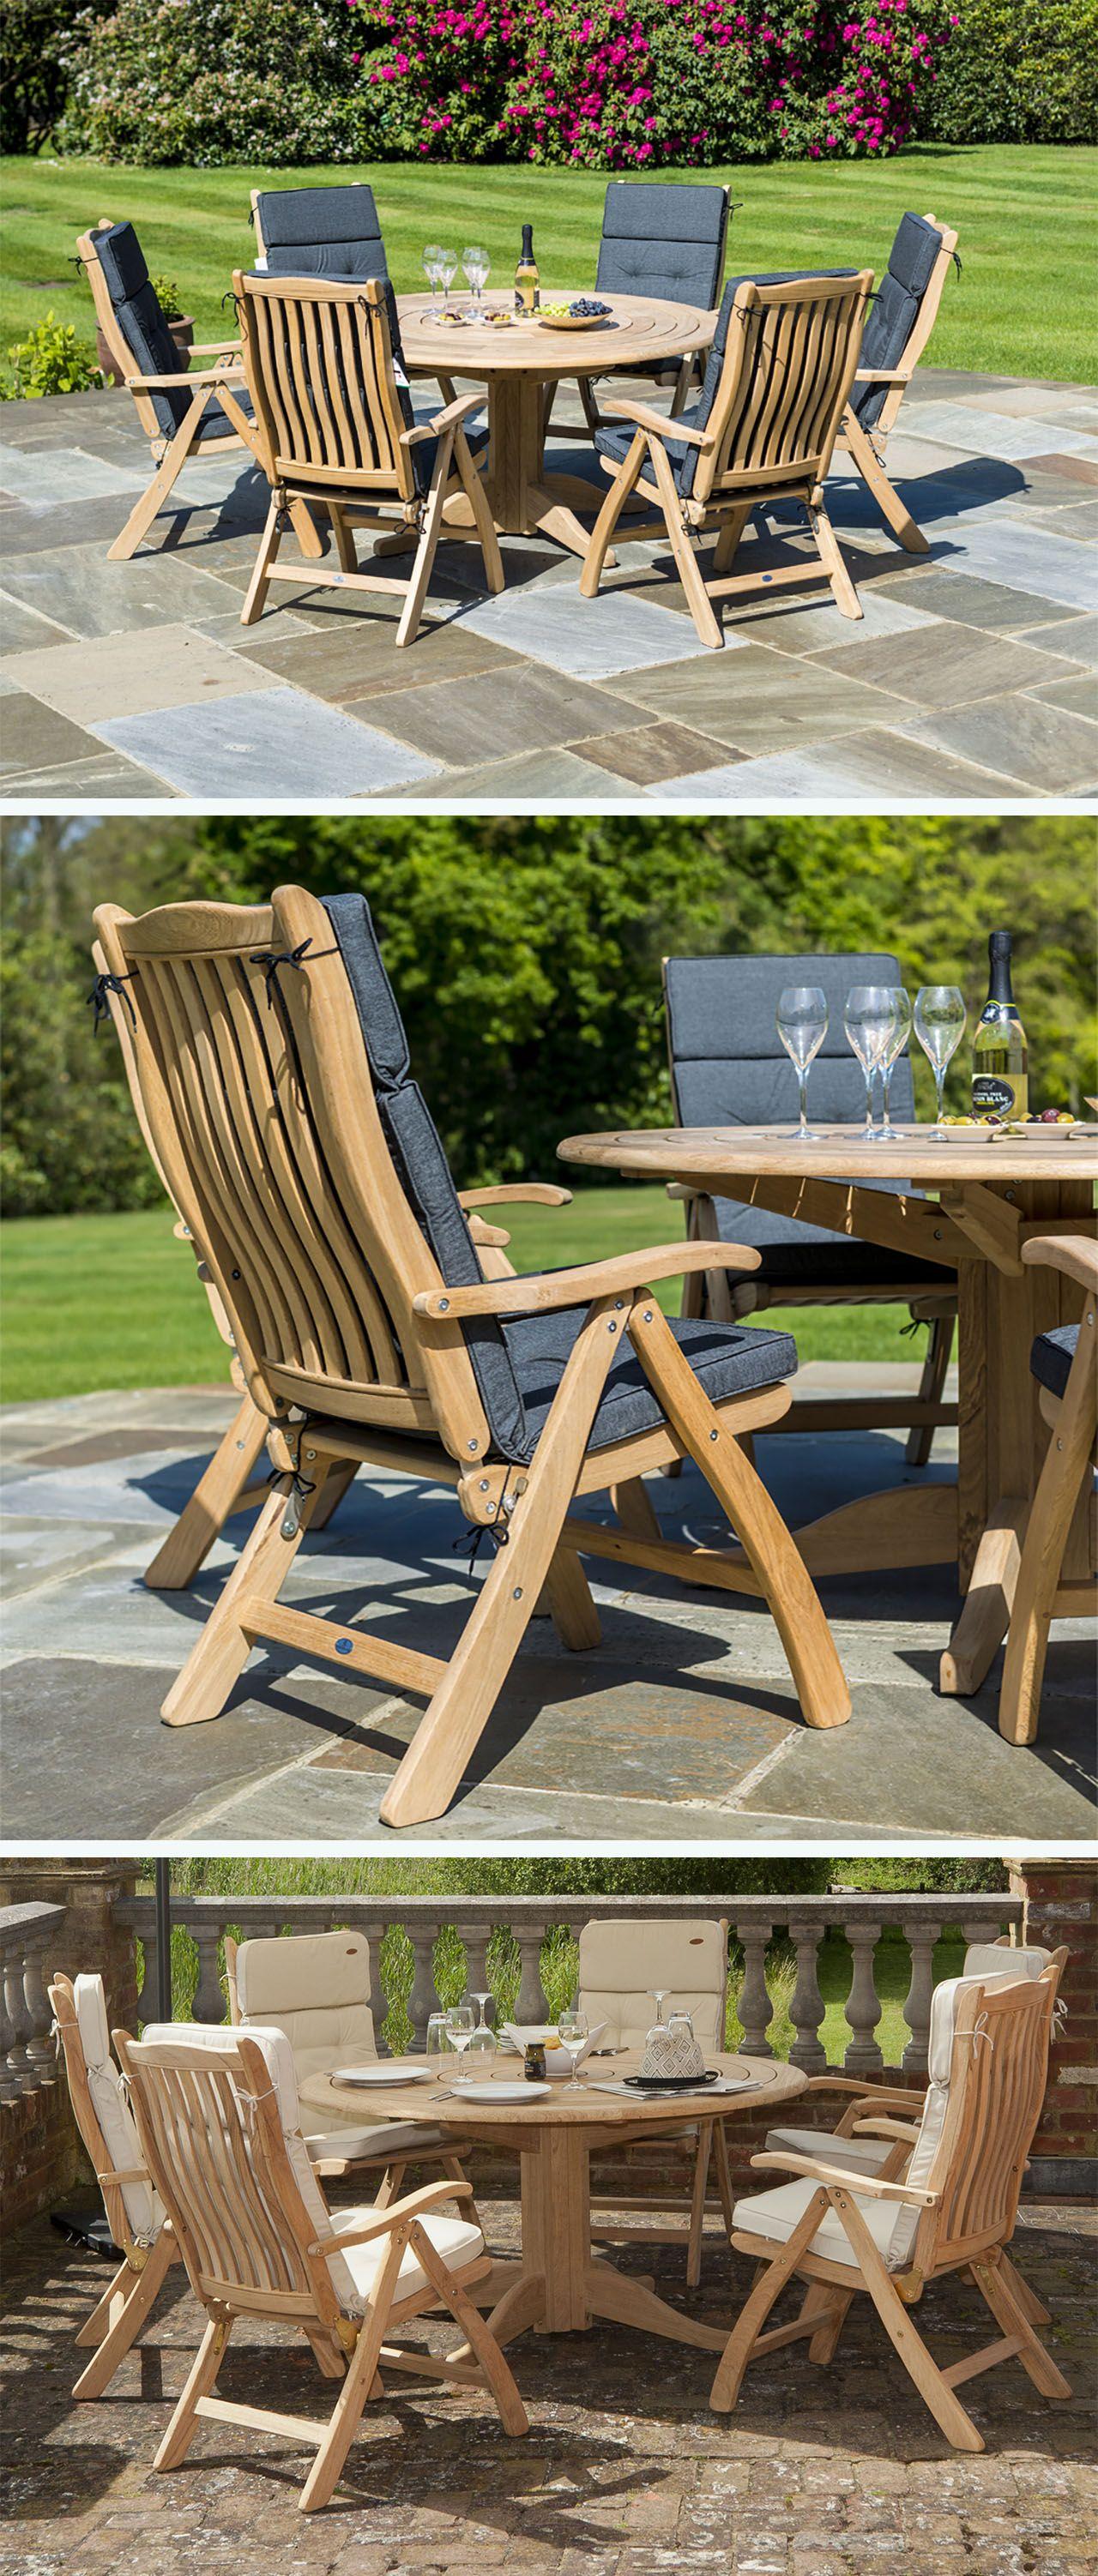 Sedia in legno Ascot di Alexander Rose pieghevole | Arredo ...